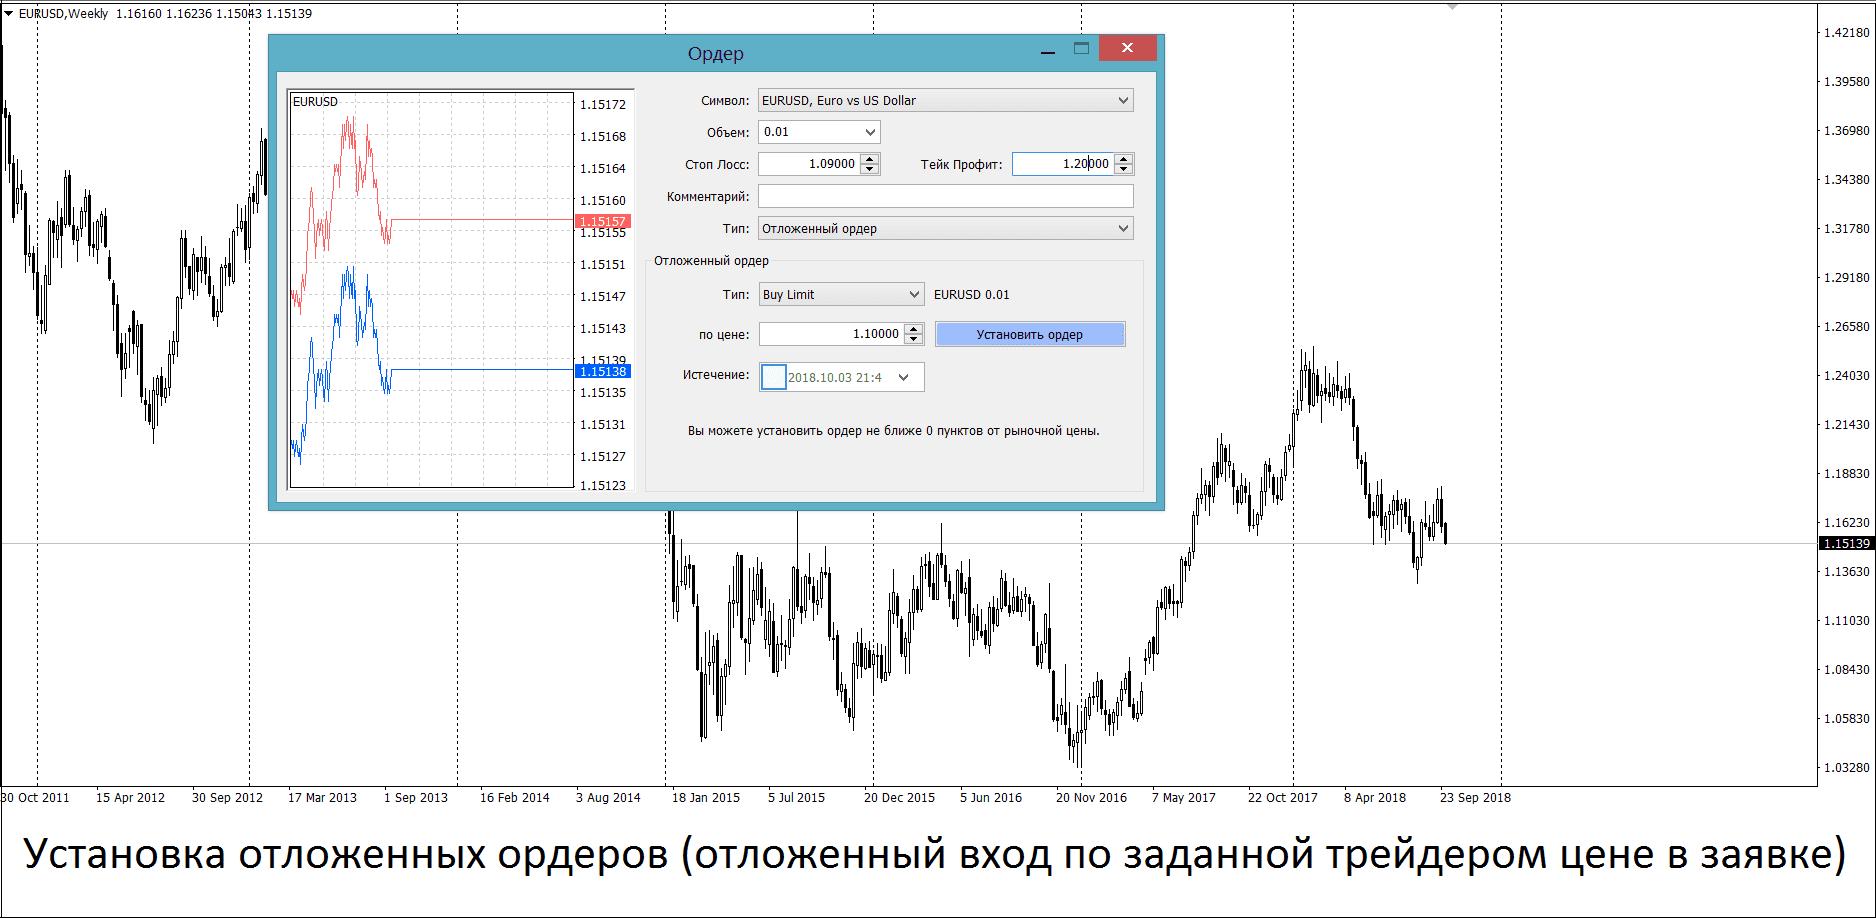 Отложенное исполнение ордеров на графике Форекс